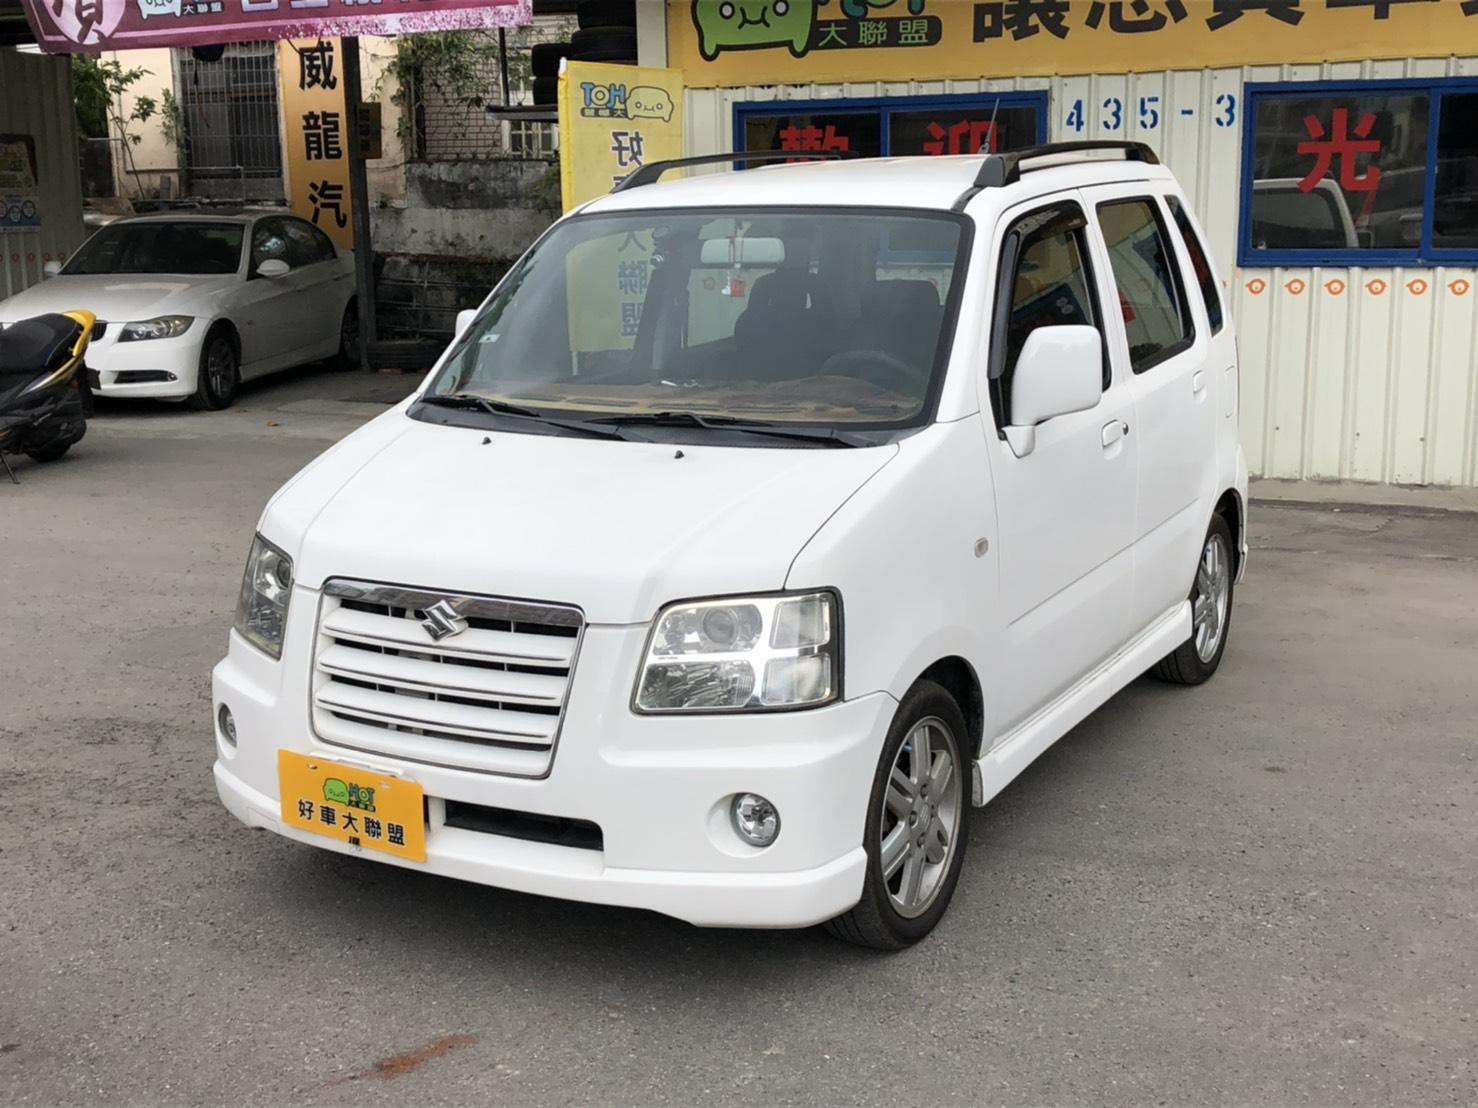 2007 Suzuki 鈴木 Solio